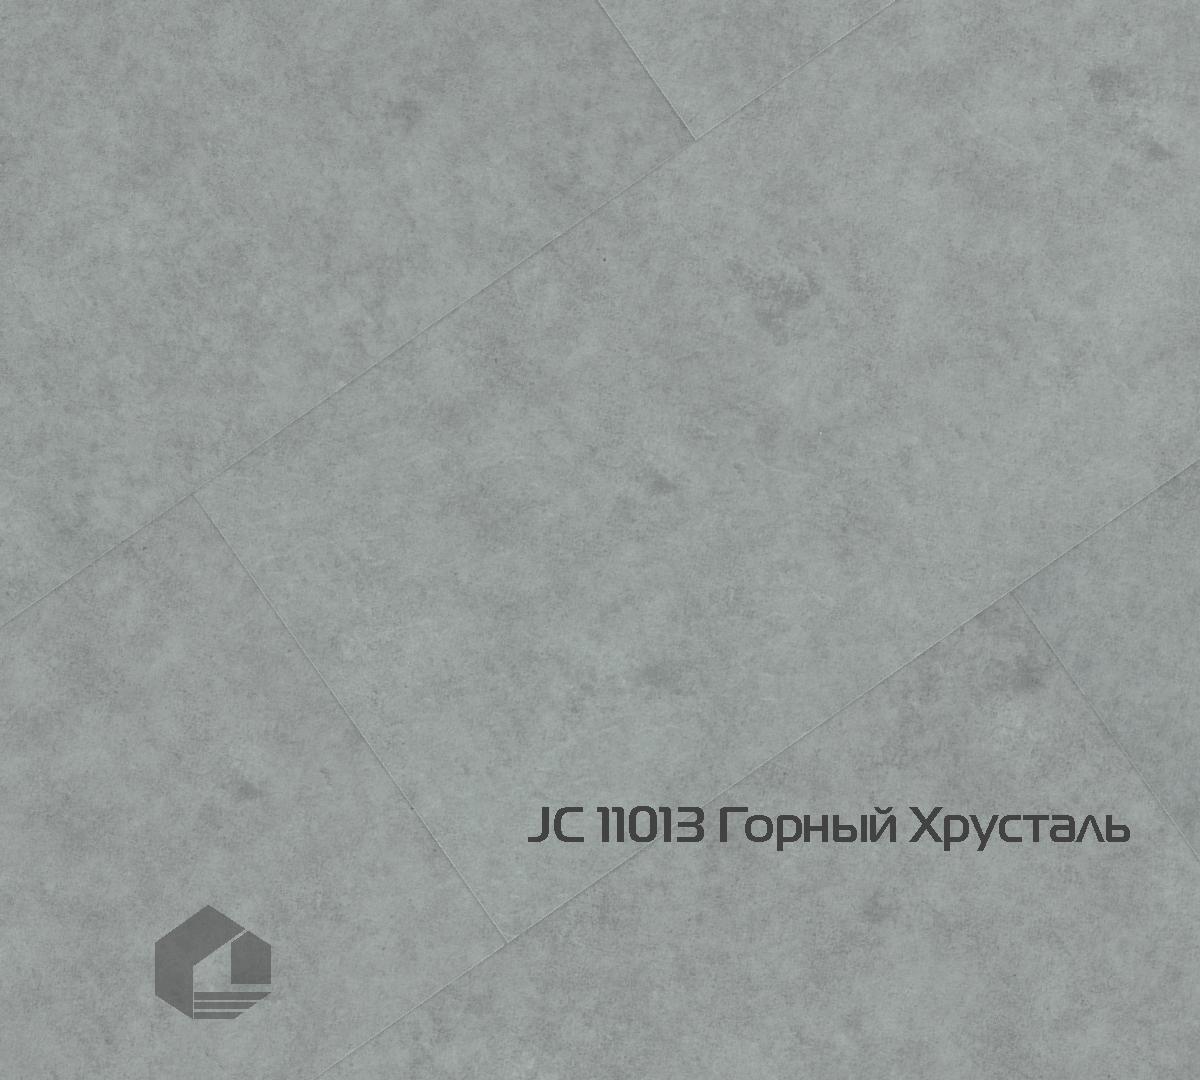 """Кварцевый ламинат SPC Fargo Stone JC 11013 """"Горный Хрусталь"""" (600*300*4 мм) 10шт/1,8м2"""